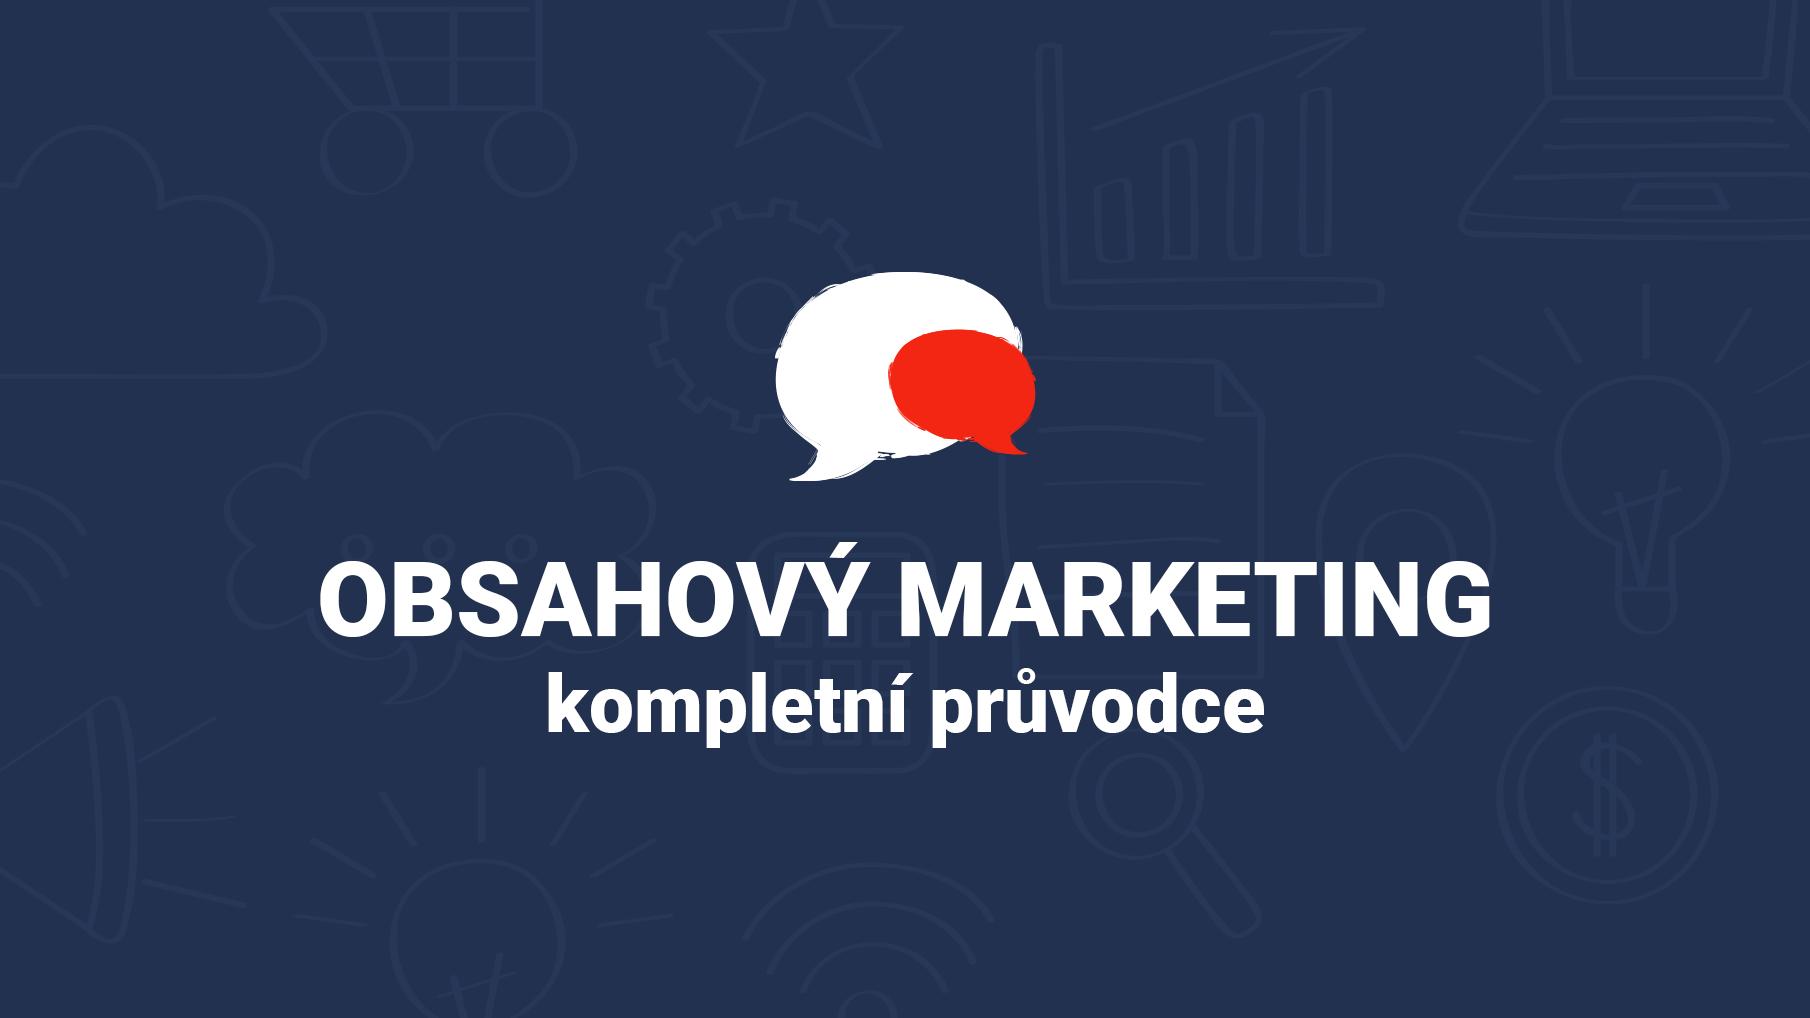 Kompletní Průvodce Obsahovým Marketingem